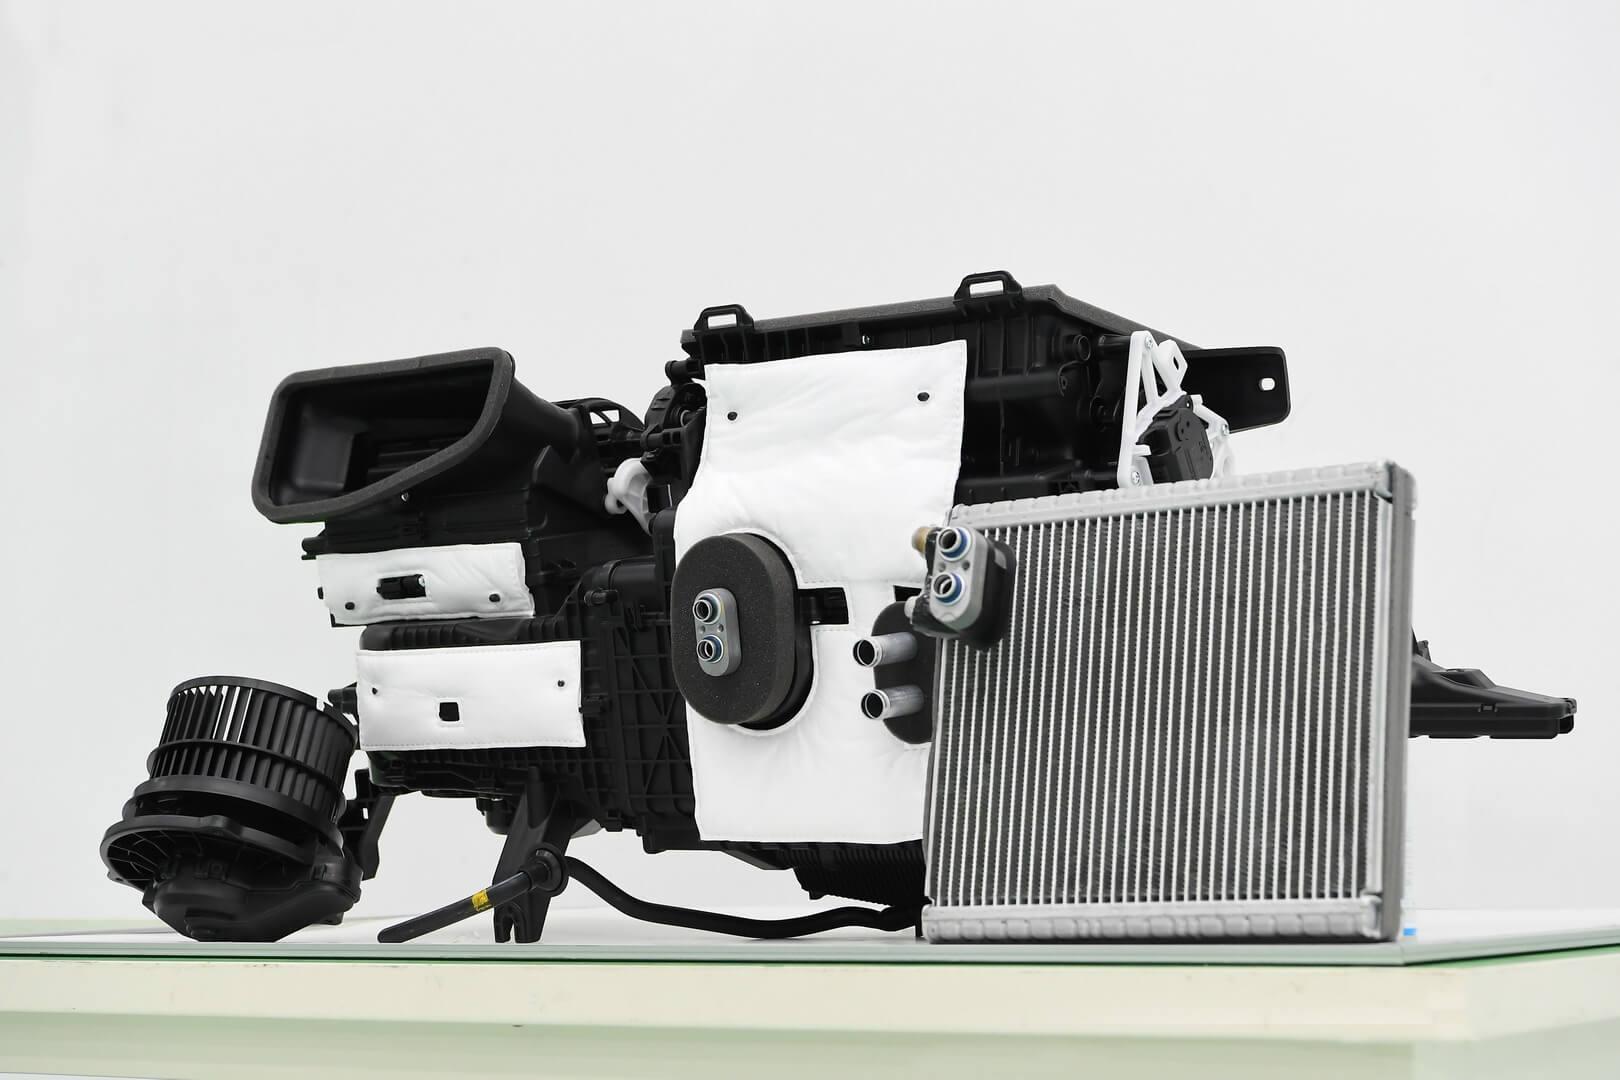 Hyundai розробляє нові технології кондиціонування для покращення якості повітря та комфортного мікроклімату всередині автомобіля